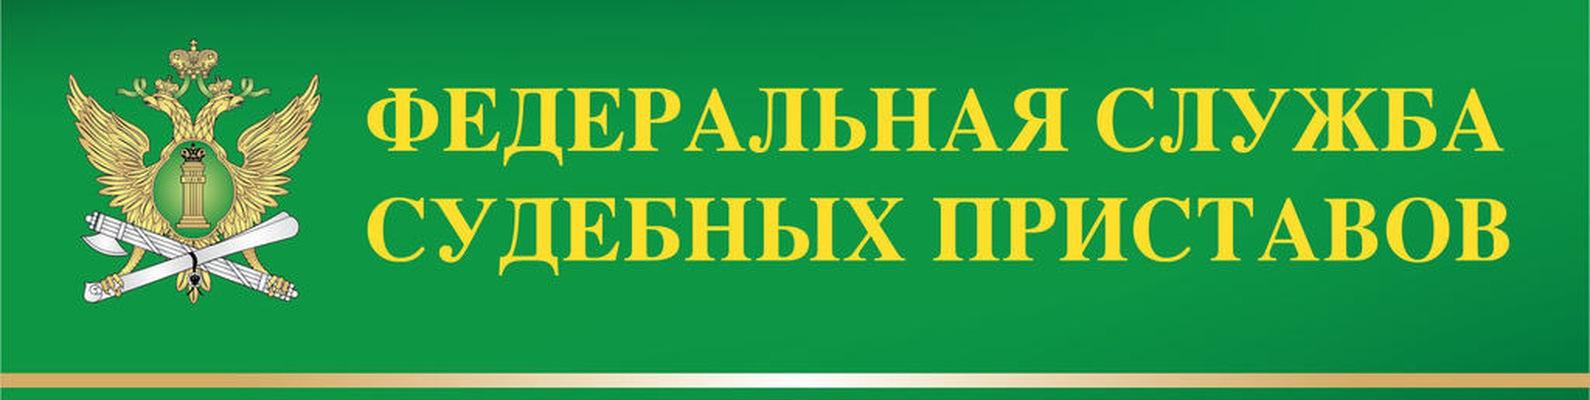 служба судебных приставов россия официальный сайт